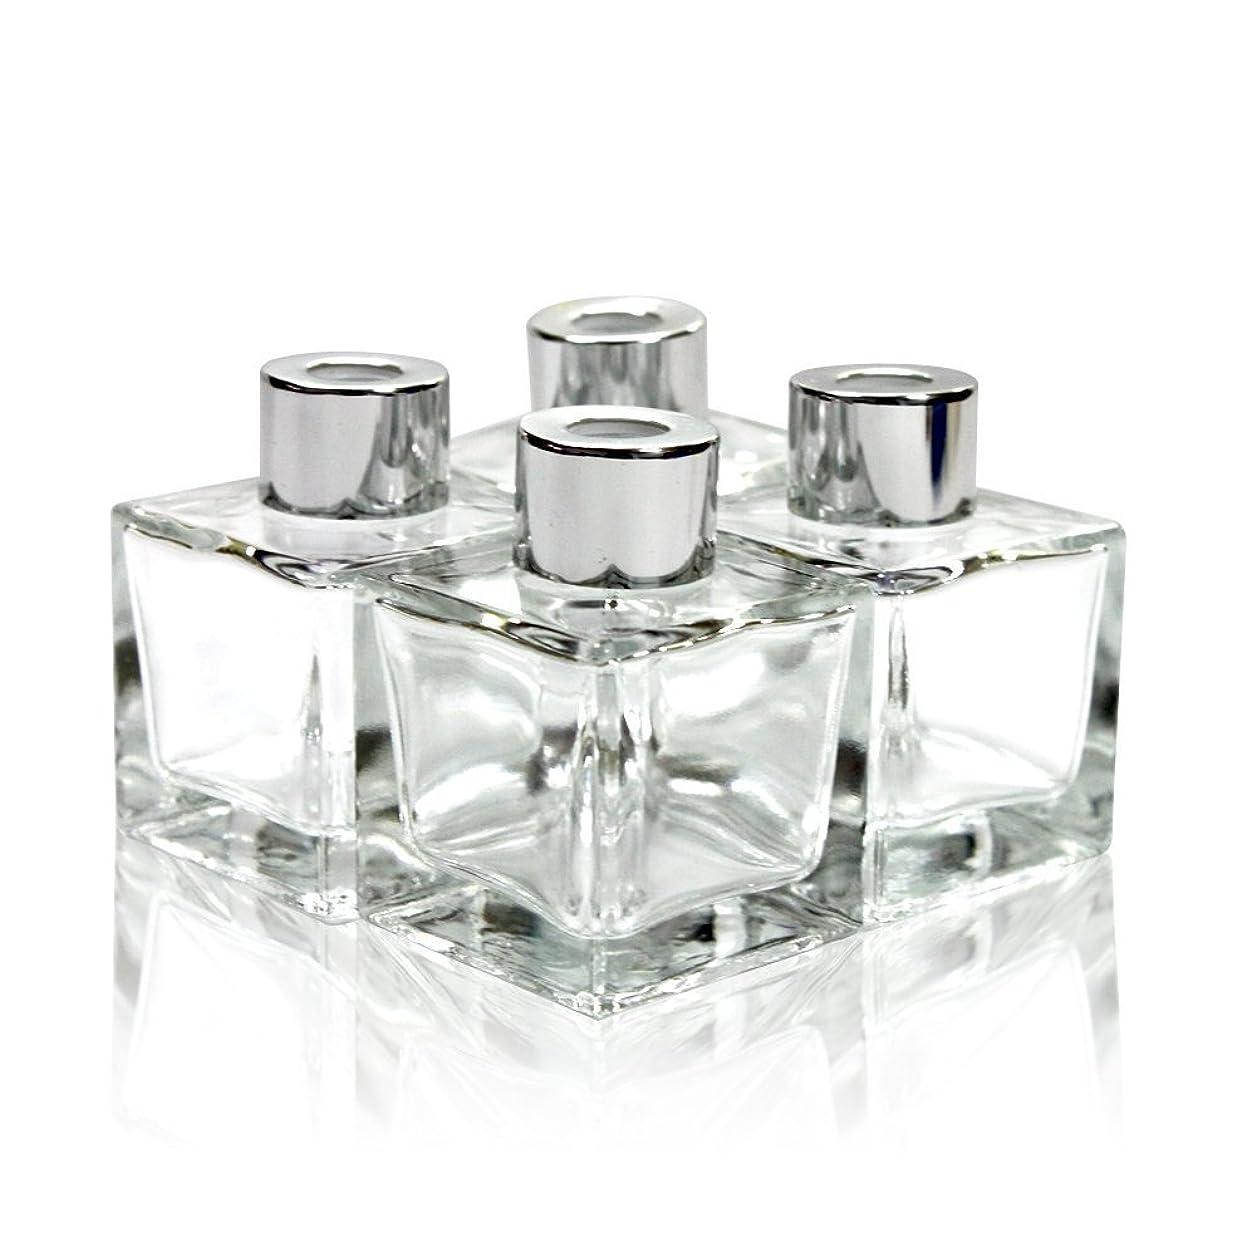 の配列ラリーベルモント主張するFeel Fragrance リードディフューザー用 リードディフューザーボトル 容器 透明 蓋付き 4本セット50ML方形 (GB-50)